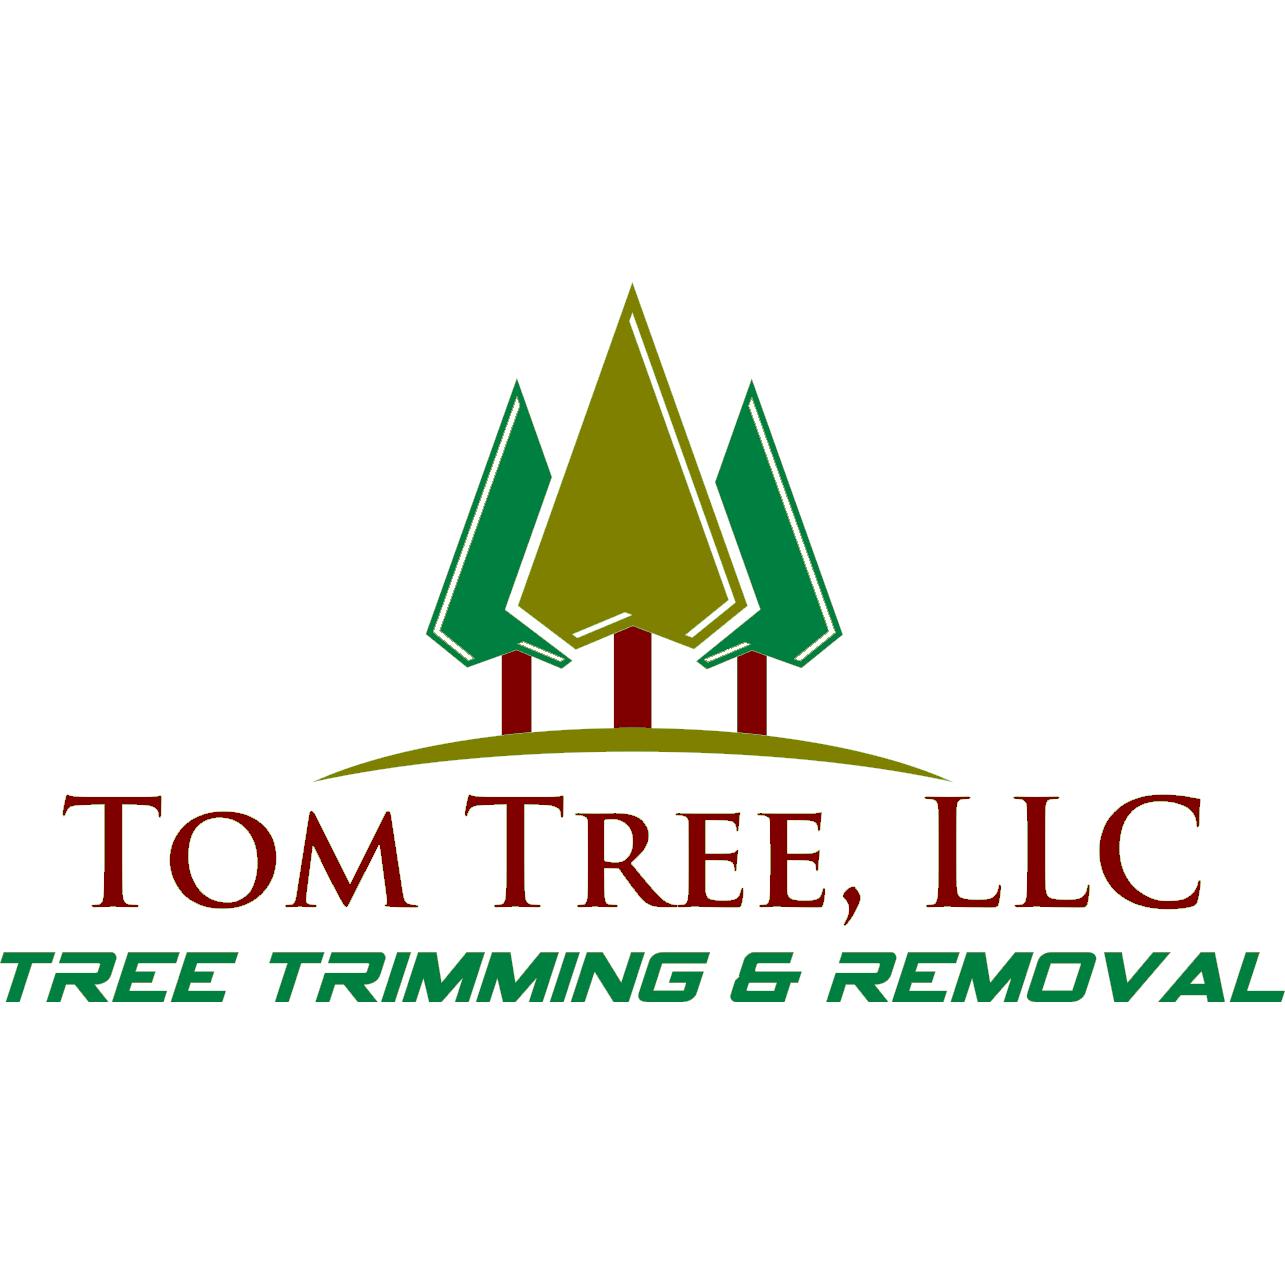 Tom Tree